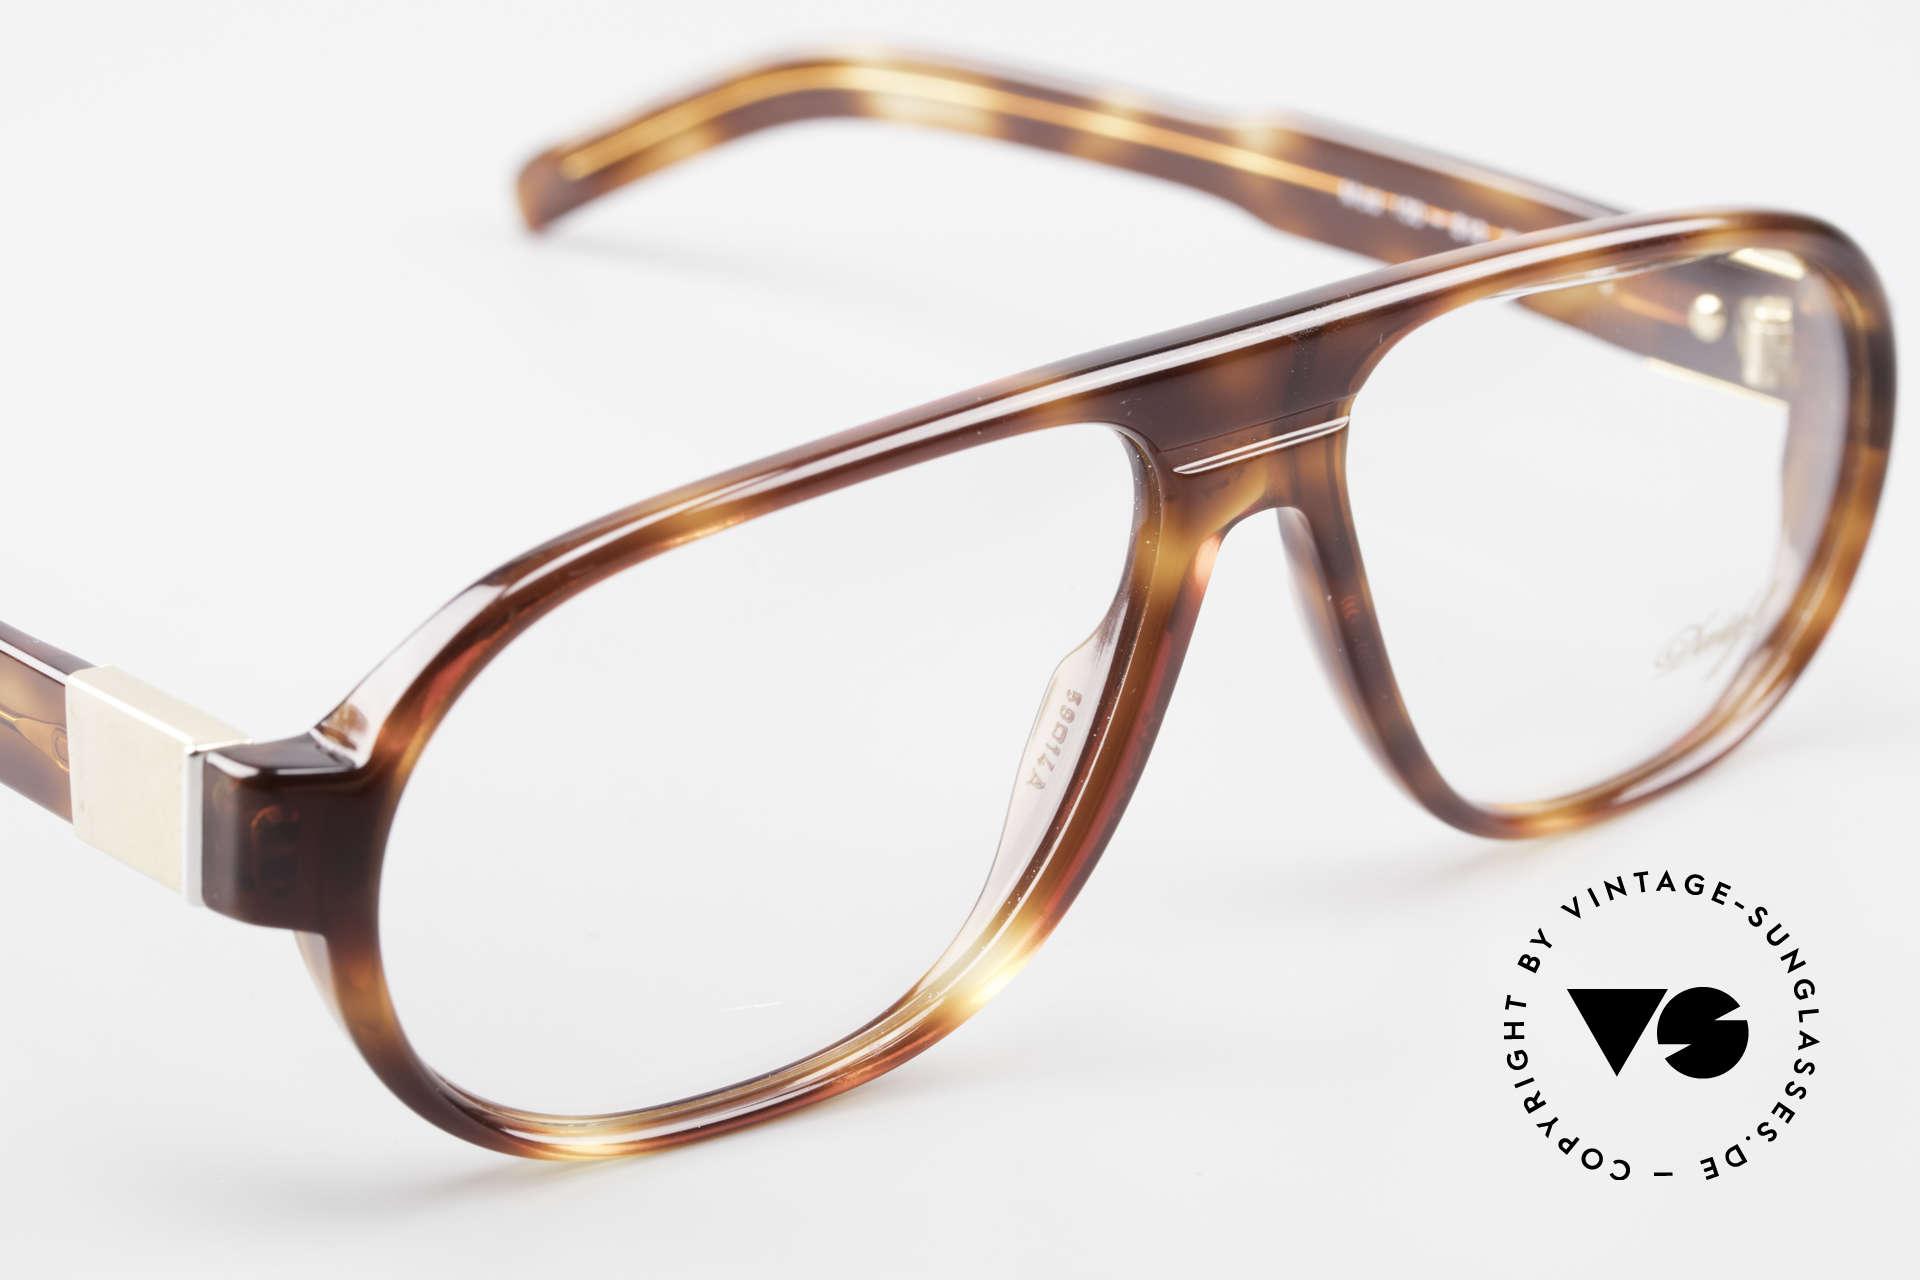 Davidoff 100 90er Herren Vintage Brille, die Demogläser können durch optische ersetzt werden, Passend für Herren